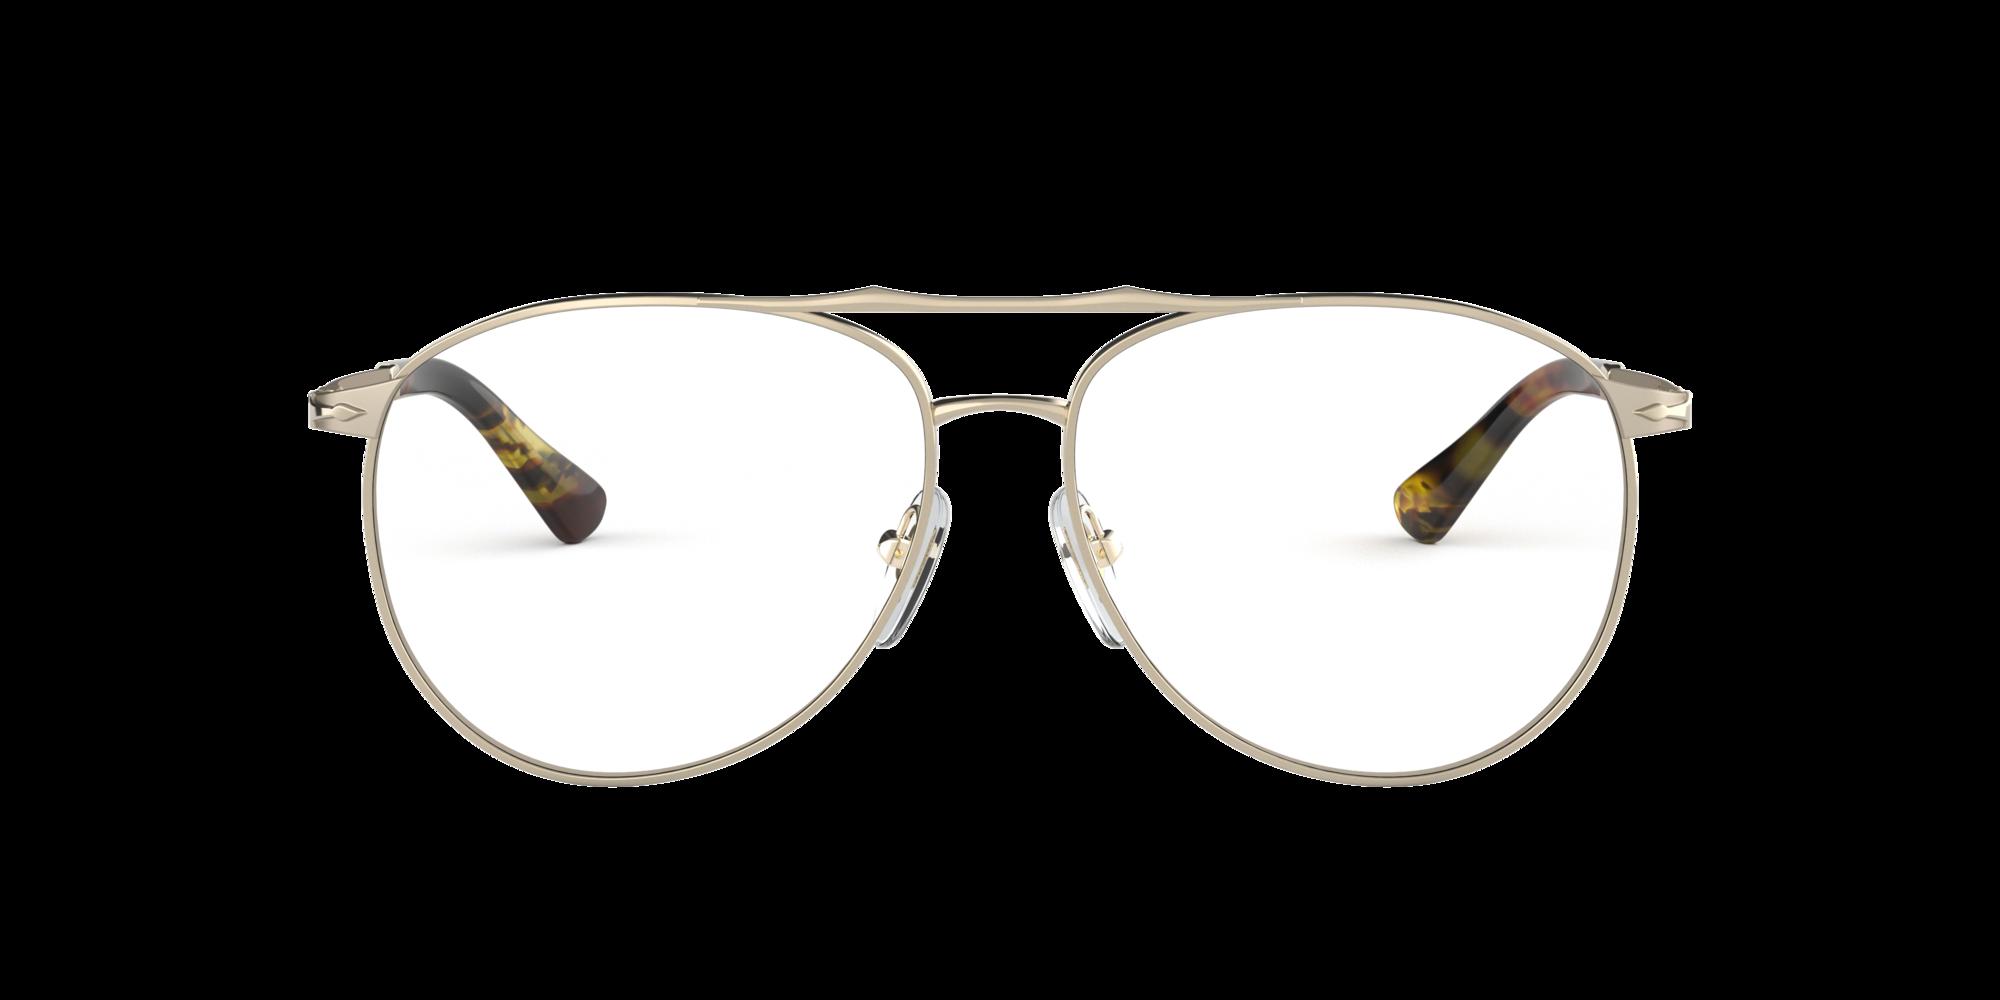 Imagen para PO2453V de LensCrafters |  Espejuelos, espejuelos graduados en línea, gafas